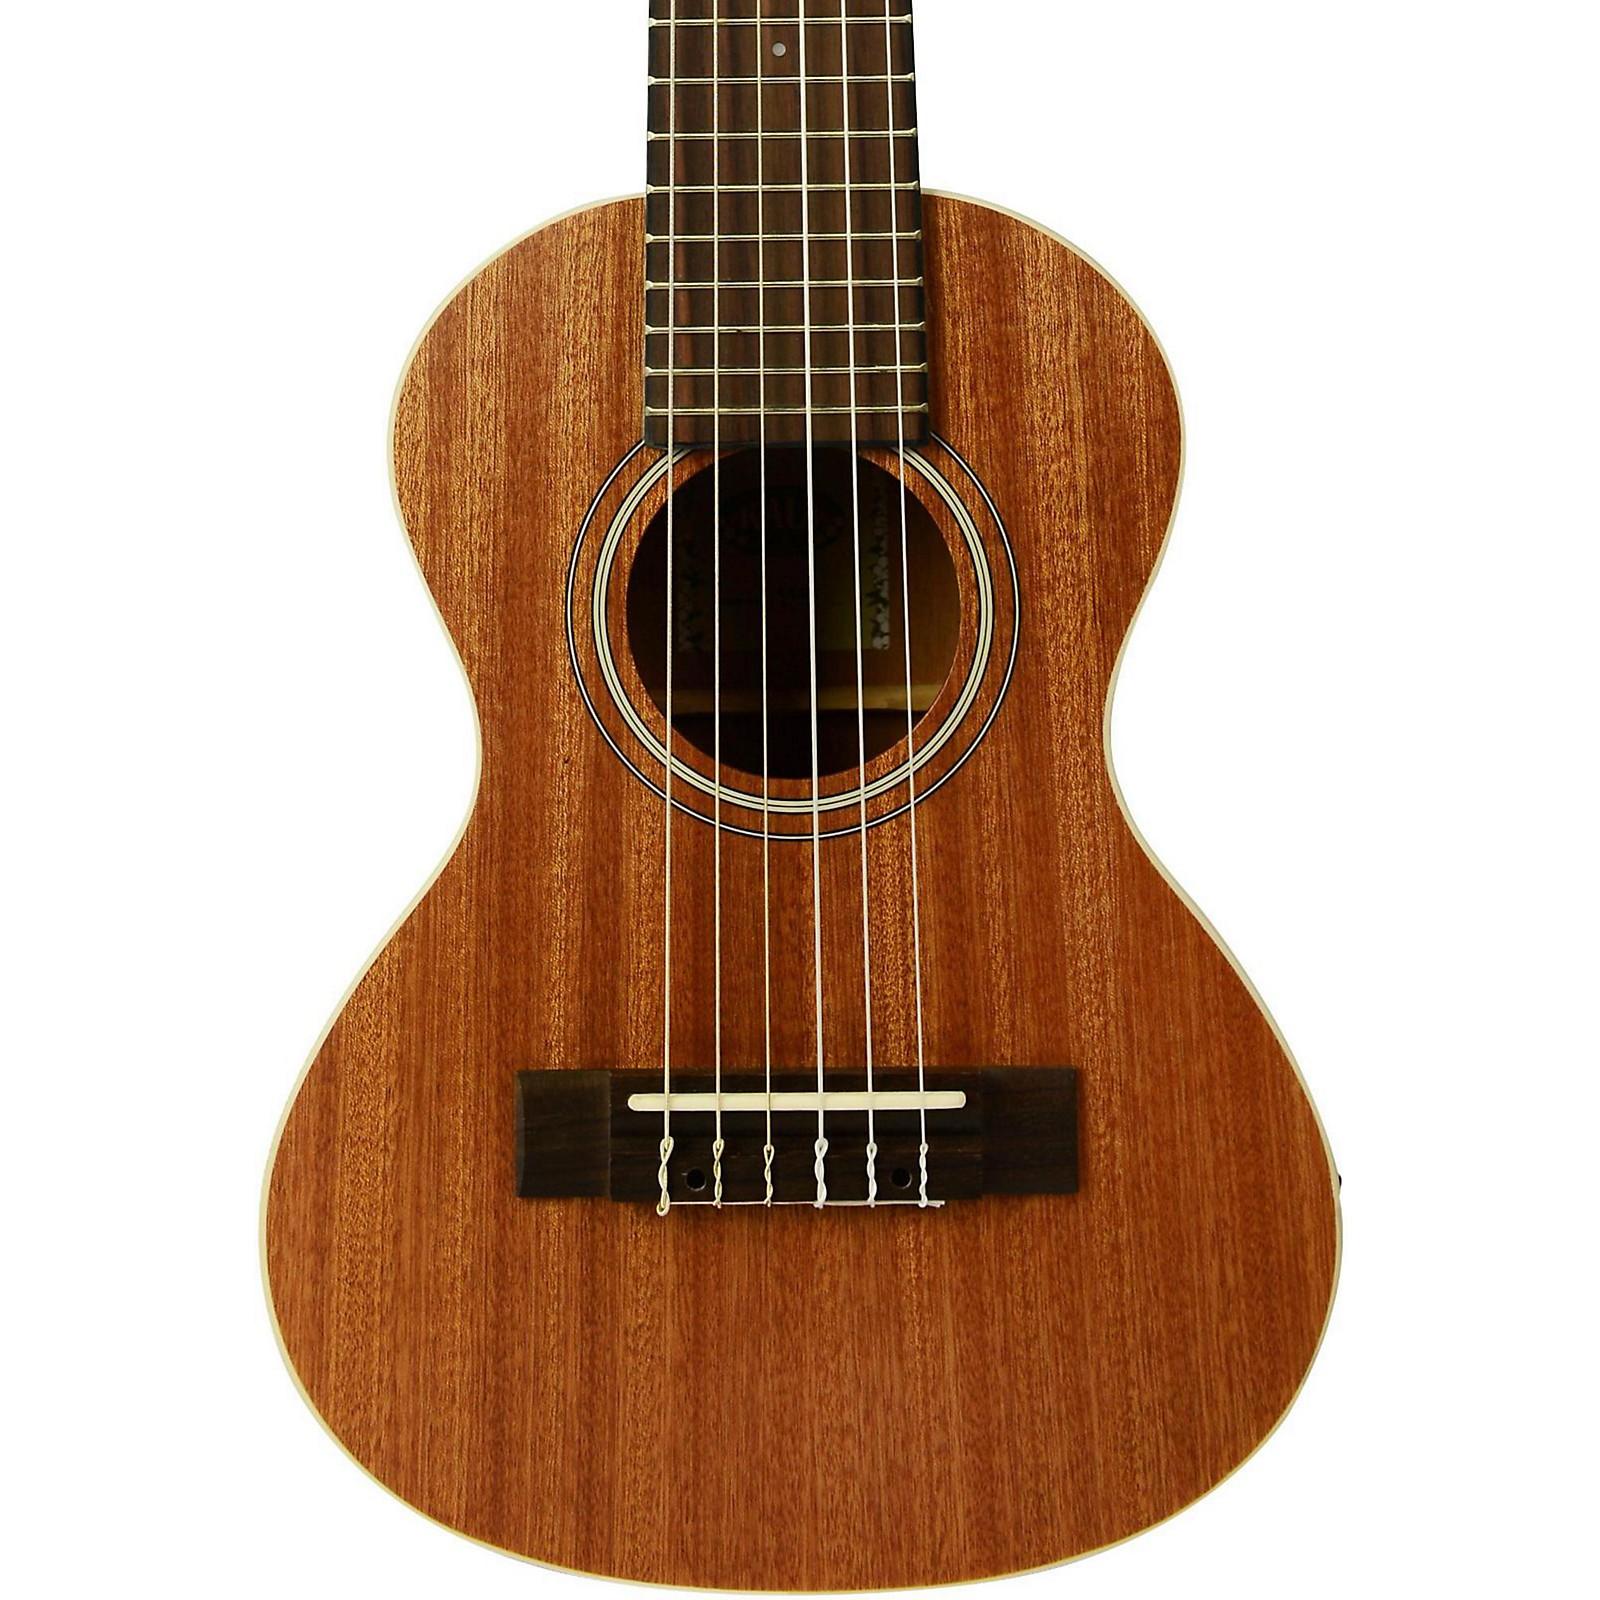 Kala 6 String Guitarlele